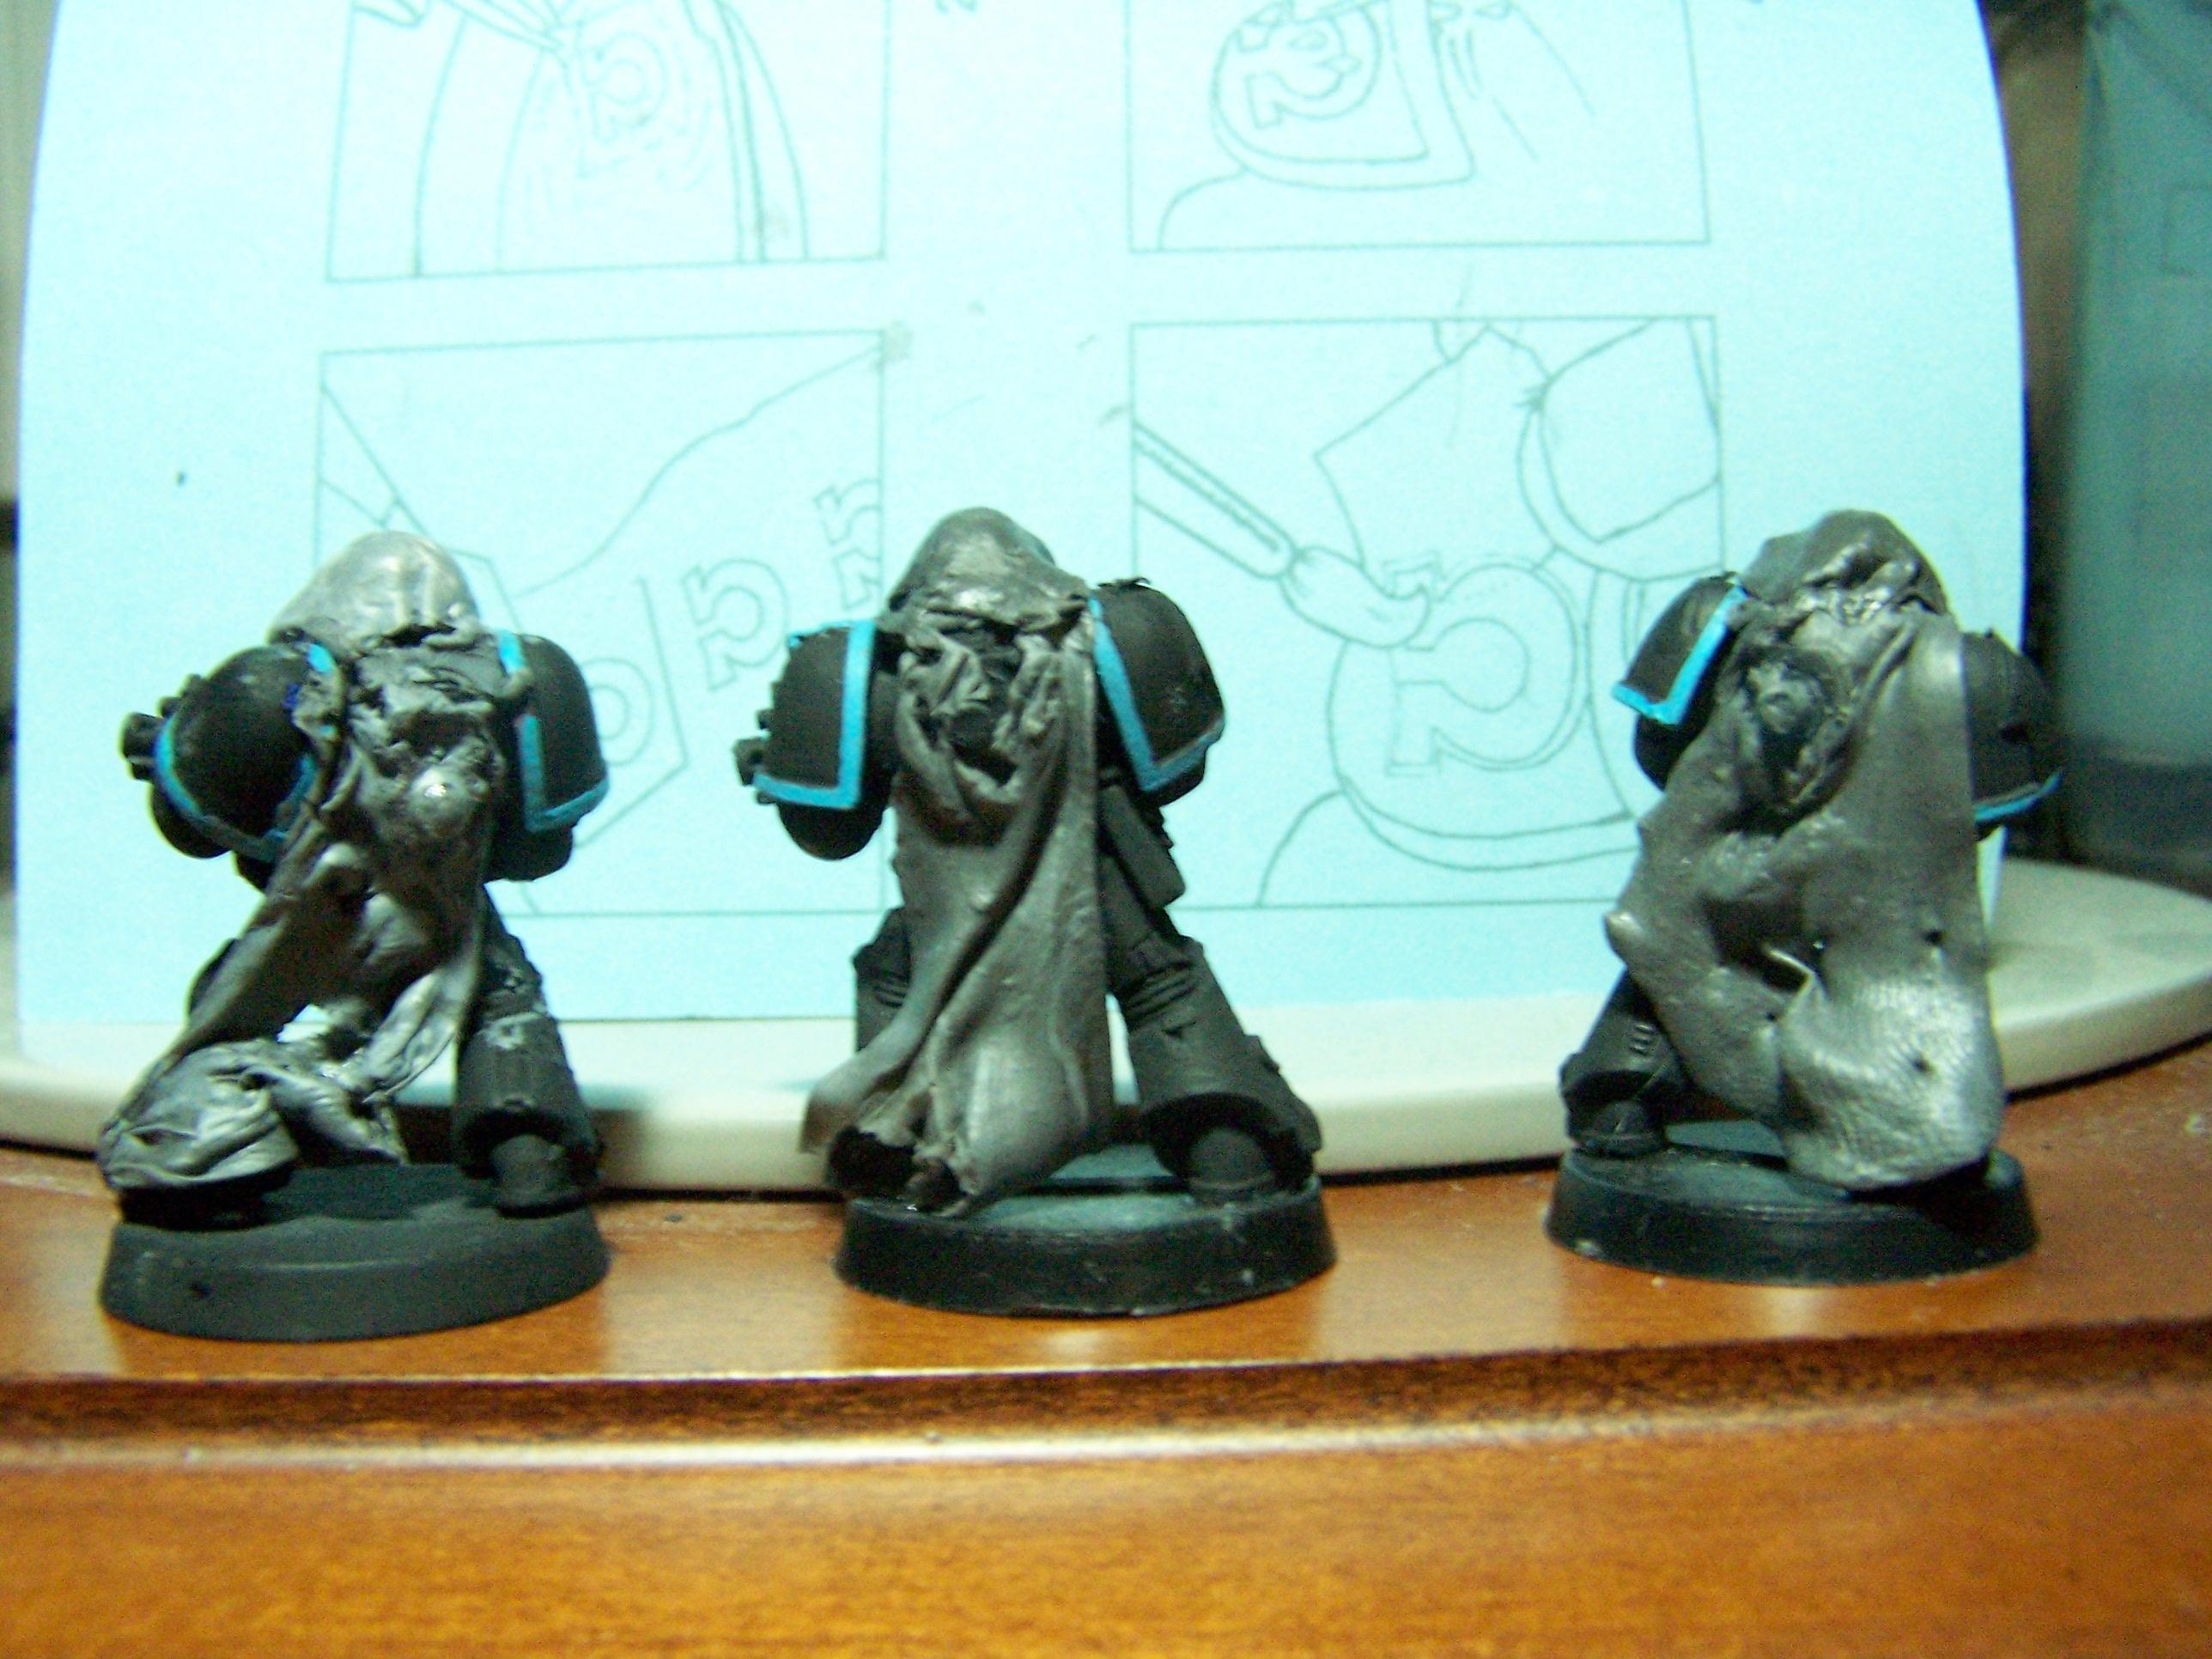 3 cloak examples